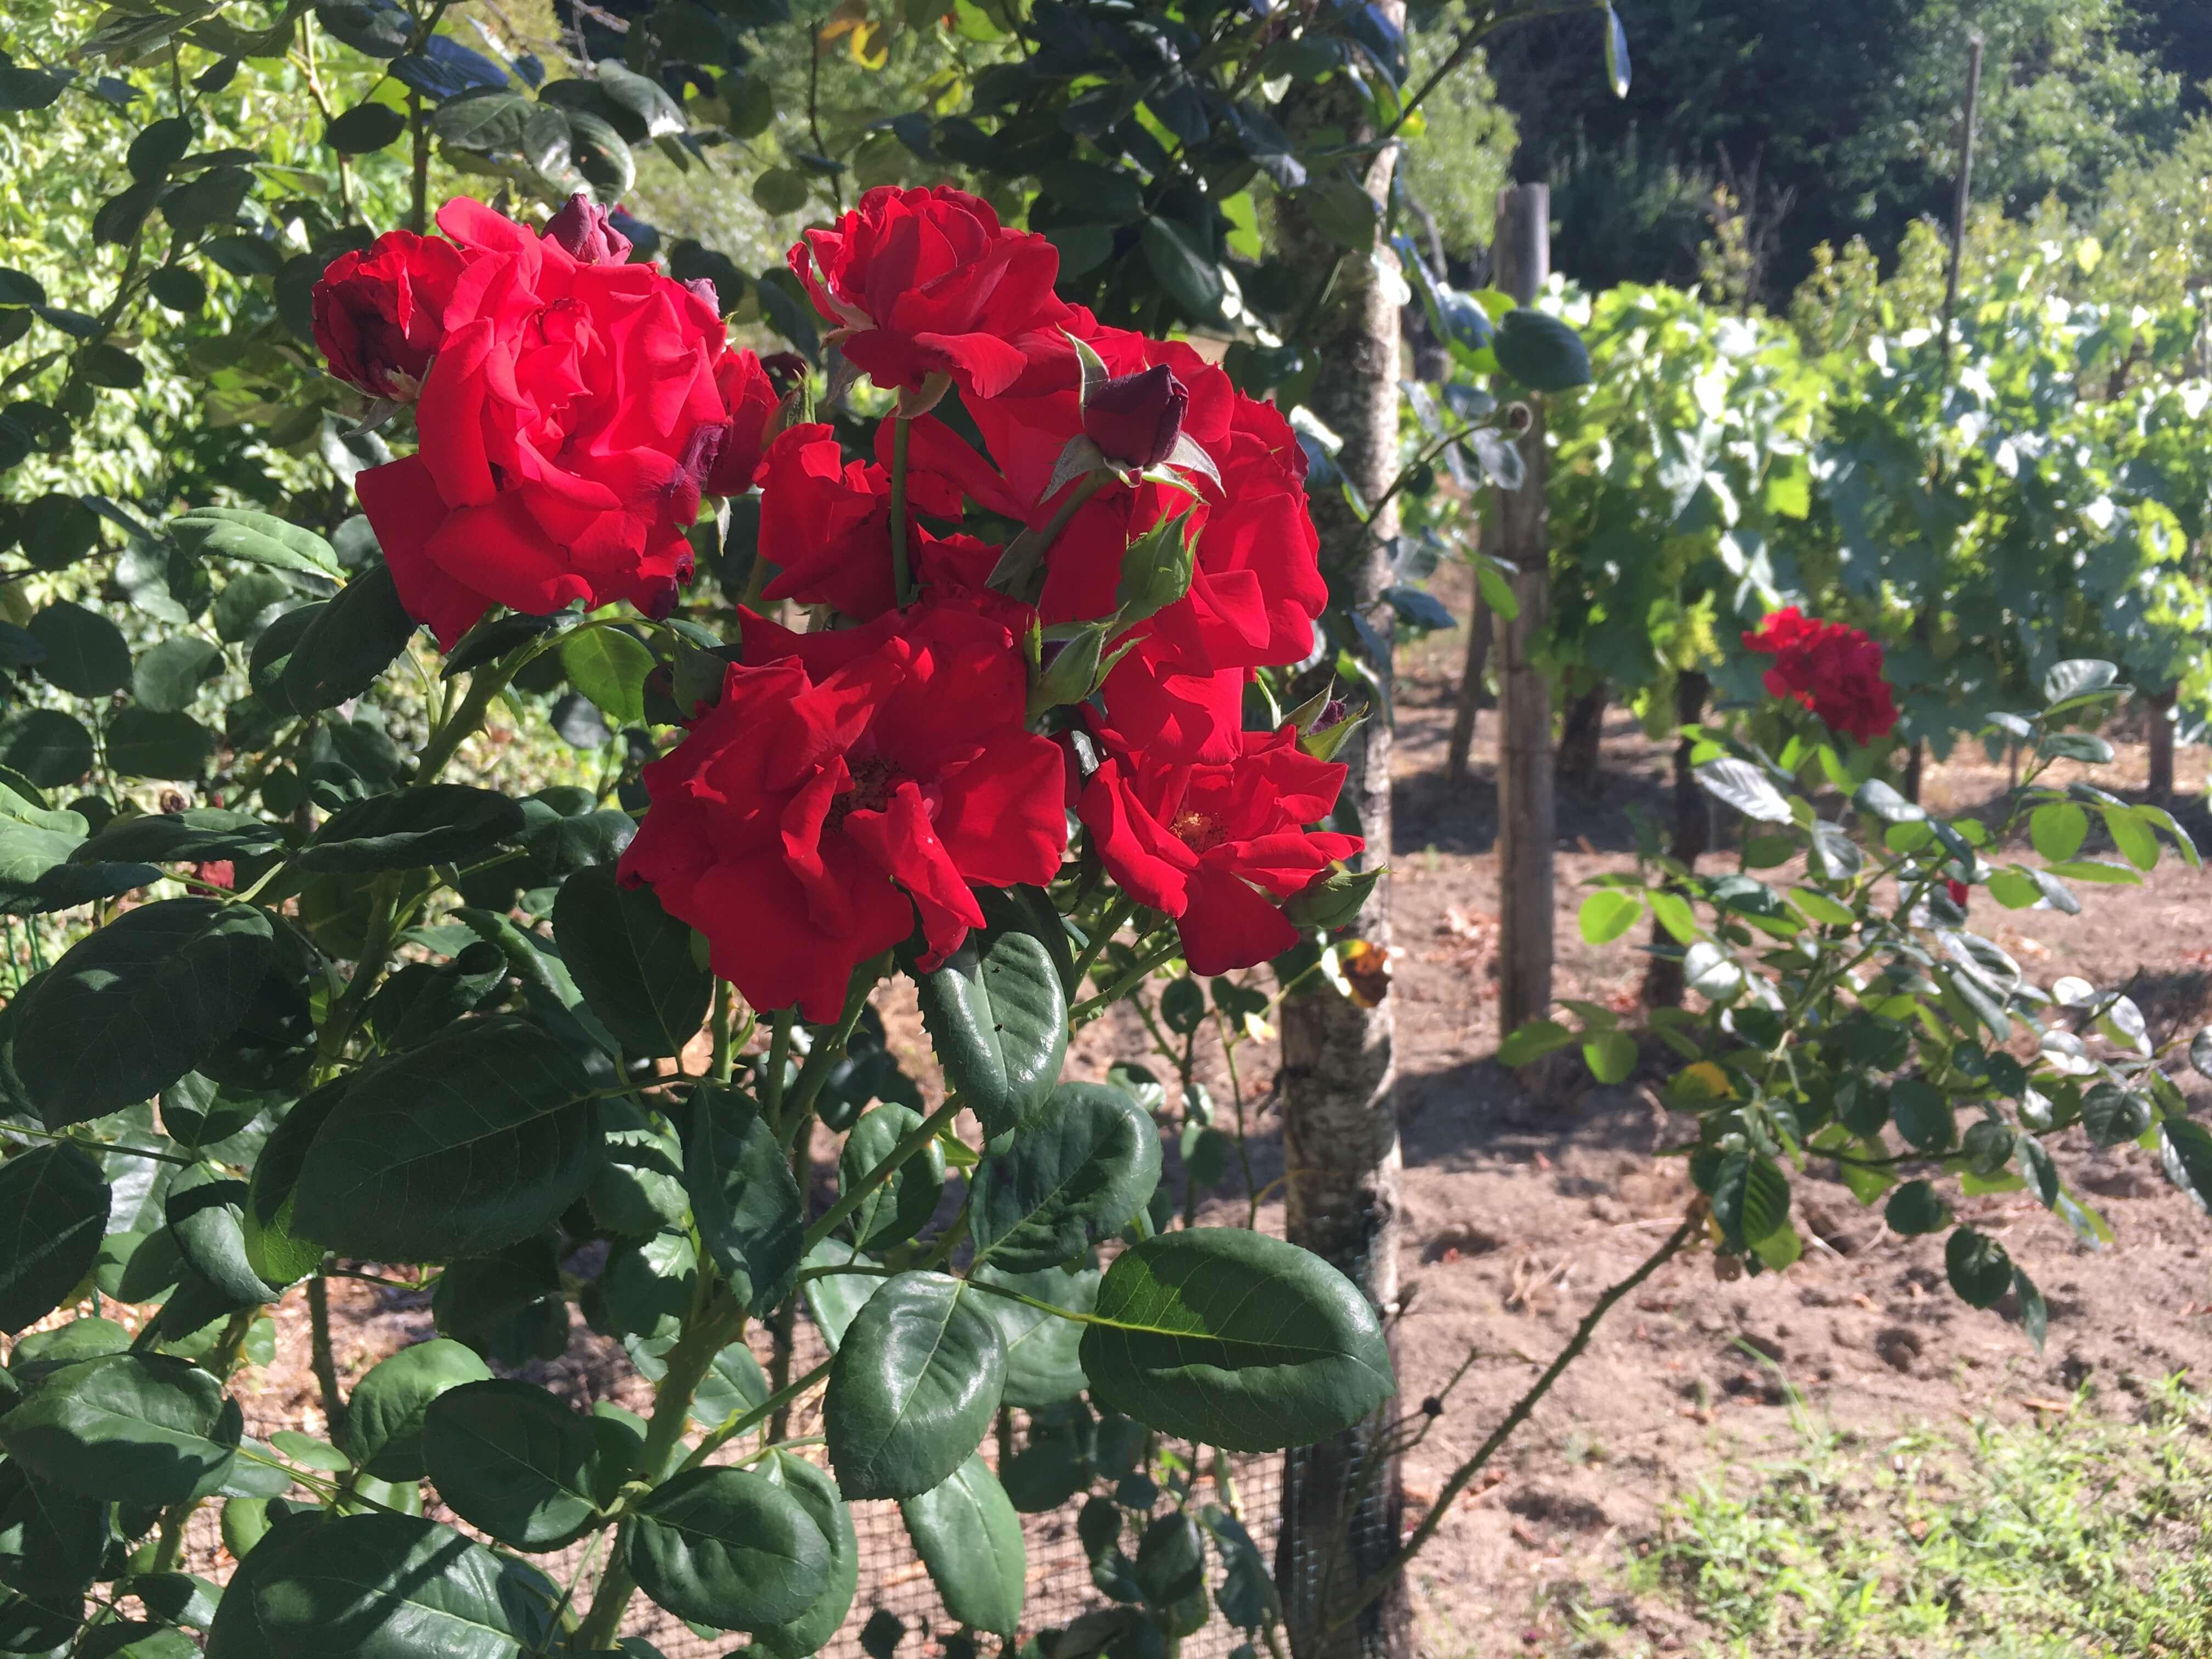 Blomster og vin. 6 vintips til hagen. Bruk sommeren til å lære å kjenne florale aromaer i vin.